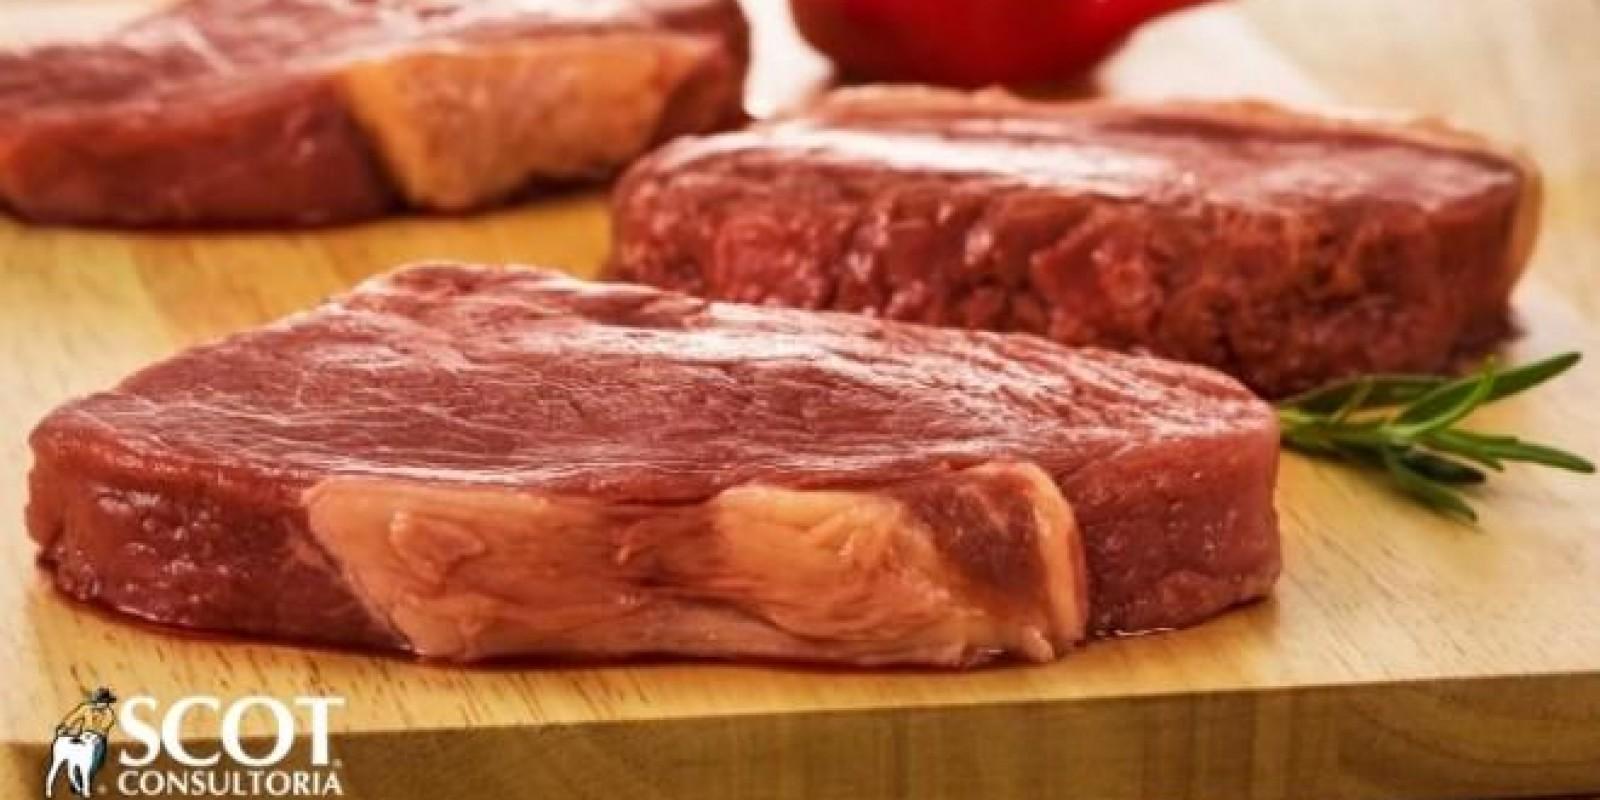 Carne bovina: mercado atacadista equilibrado